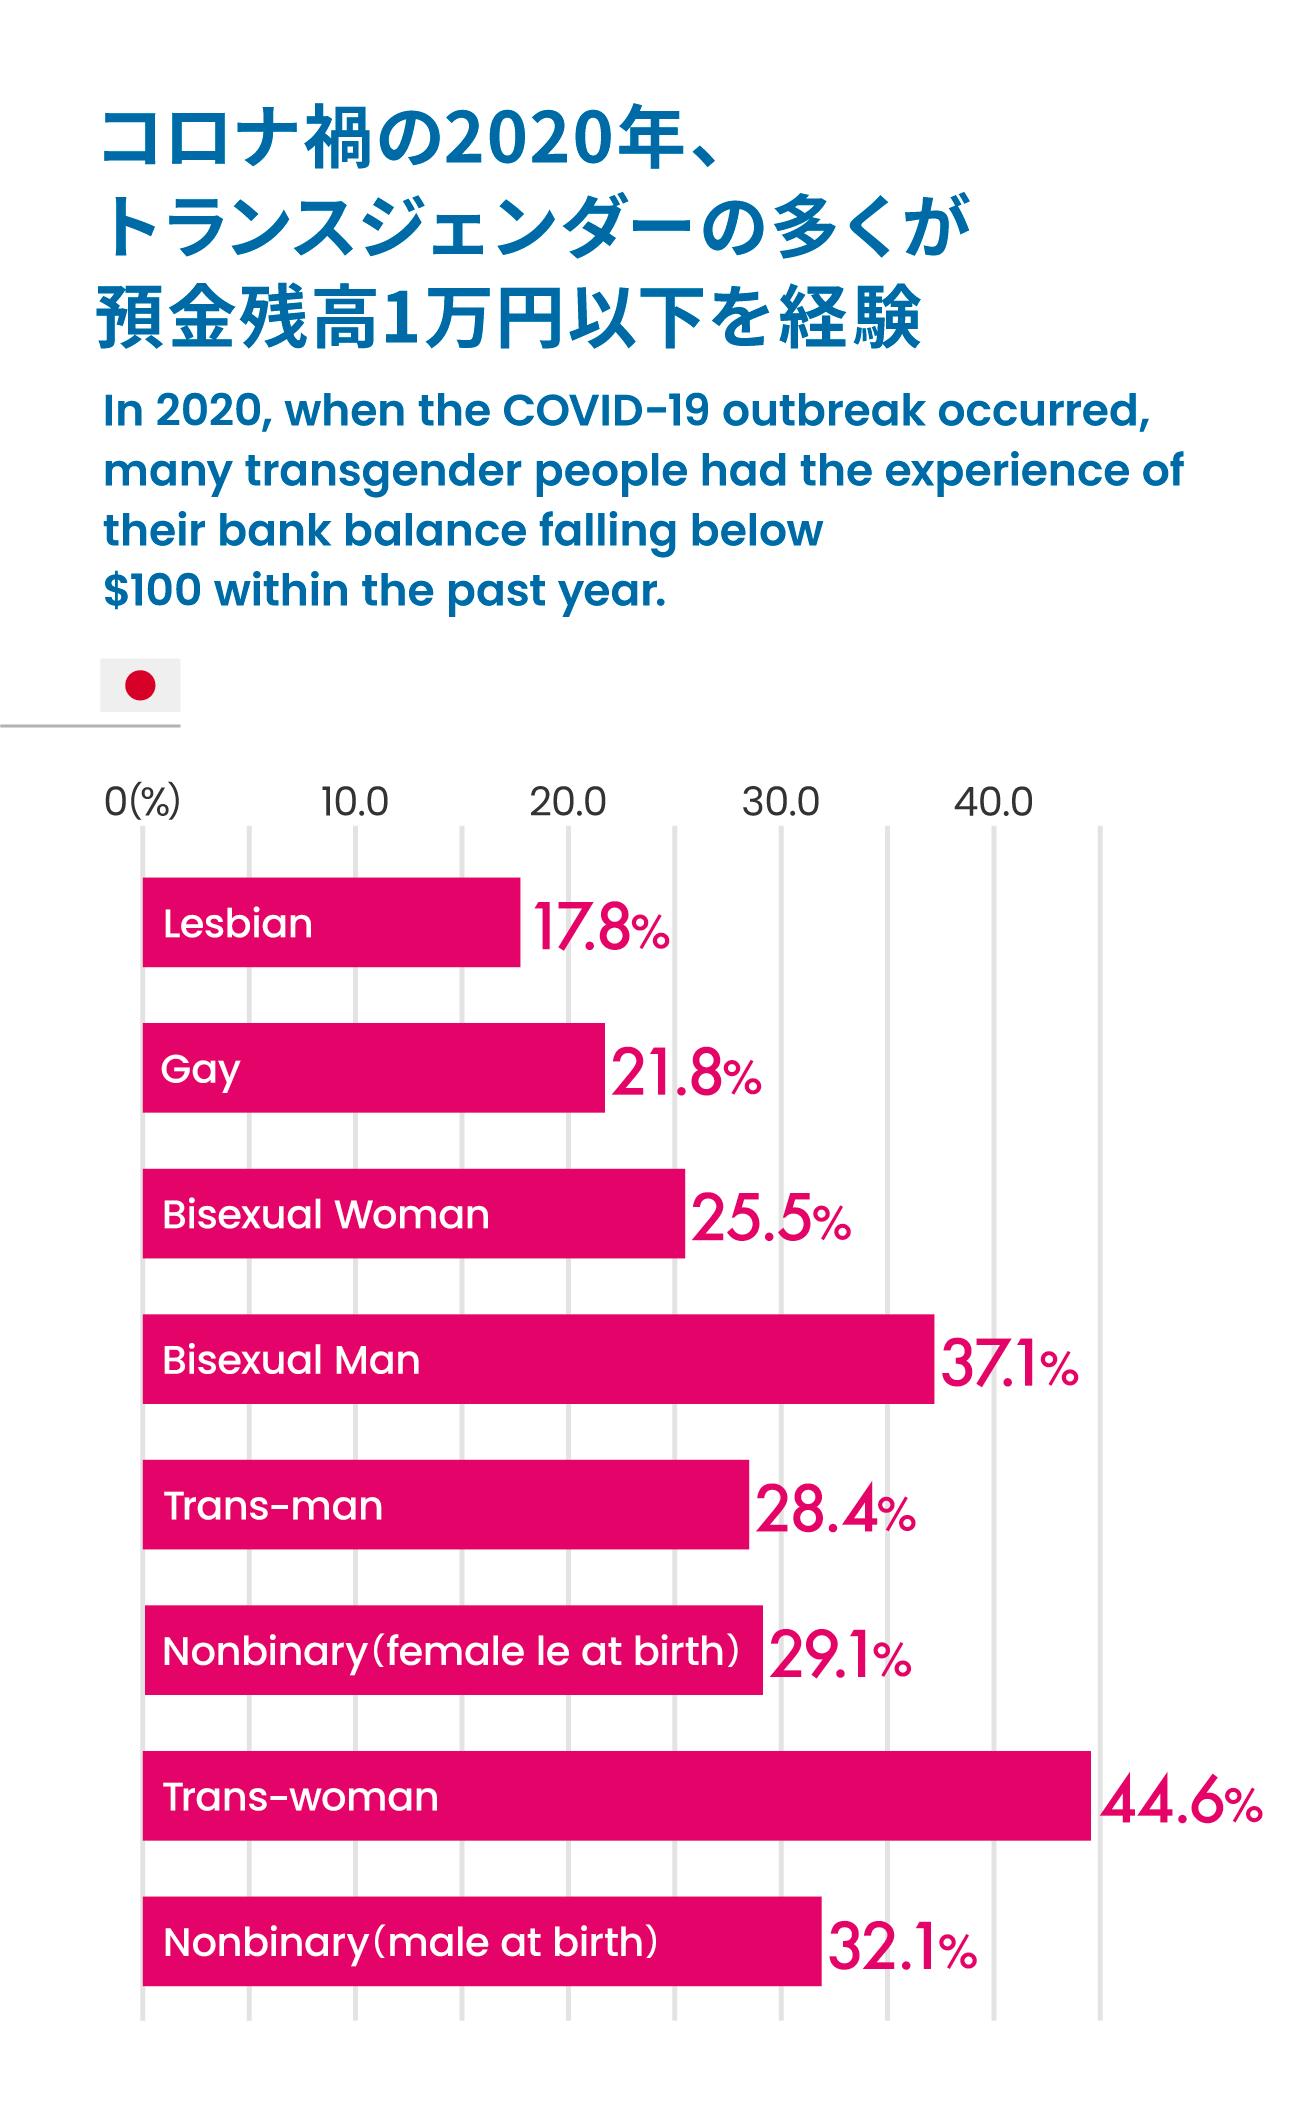 コロナ禍の2020年、トランスジェンダーの多くが預金残高1万円以下を経験